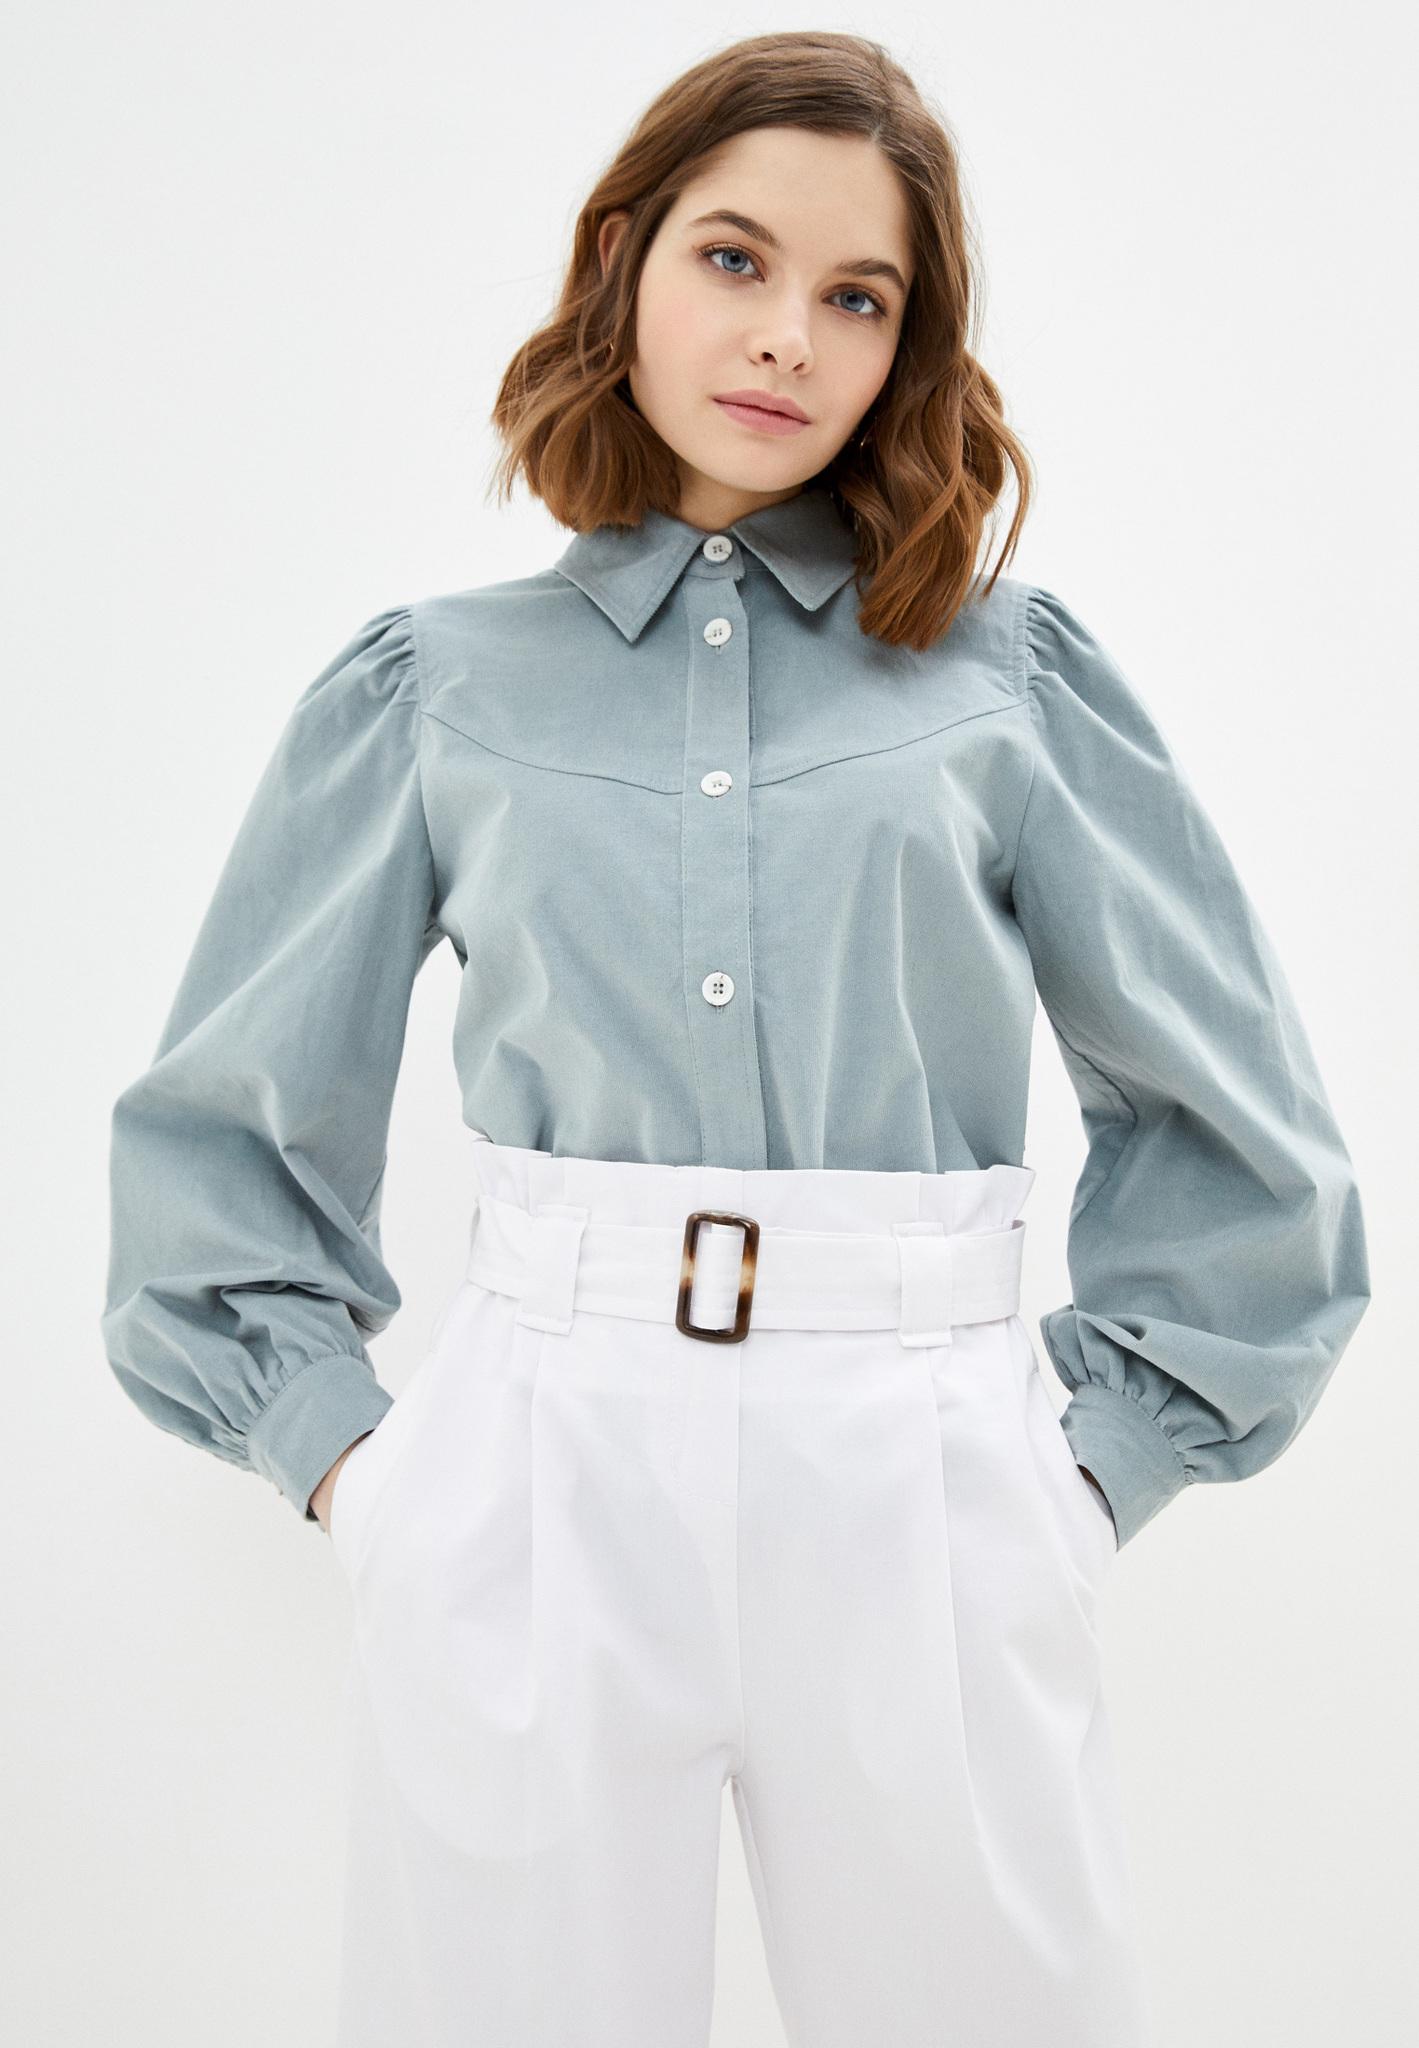 Рубашка женская арт. 10.637.538